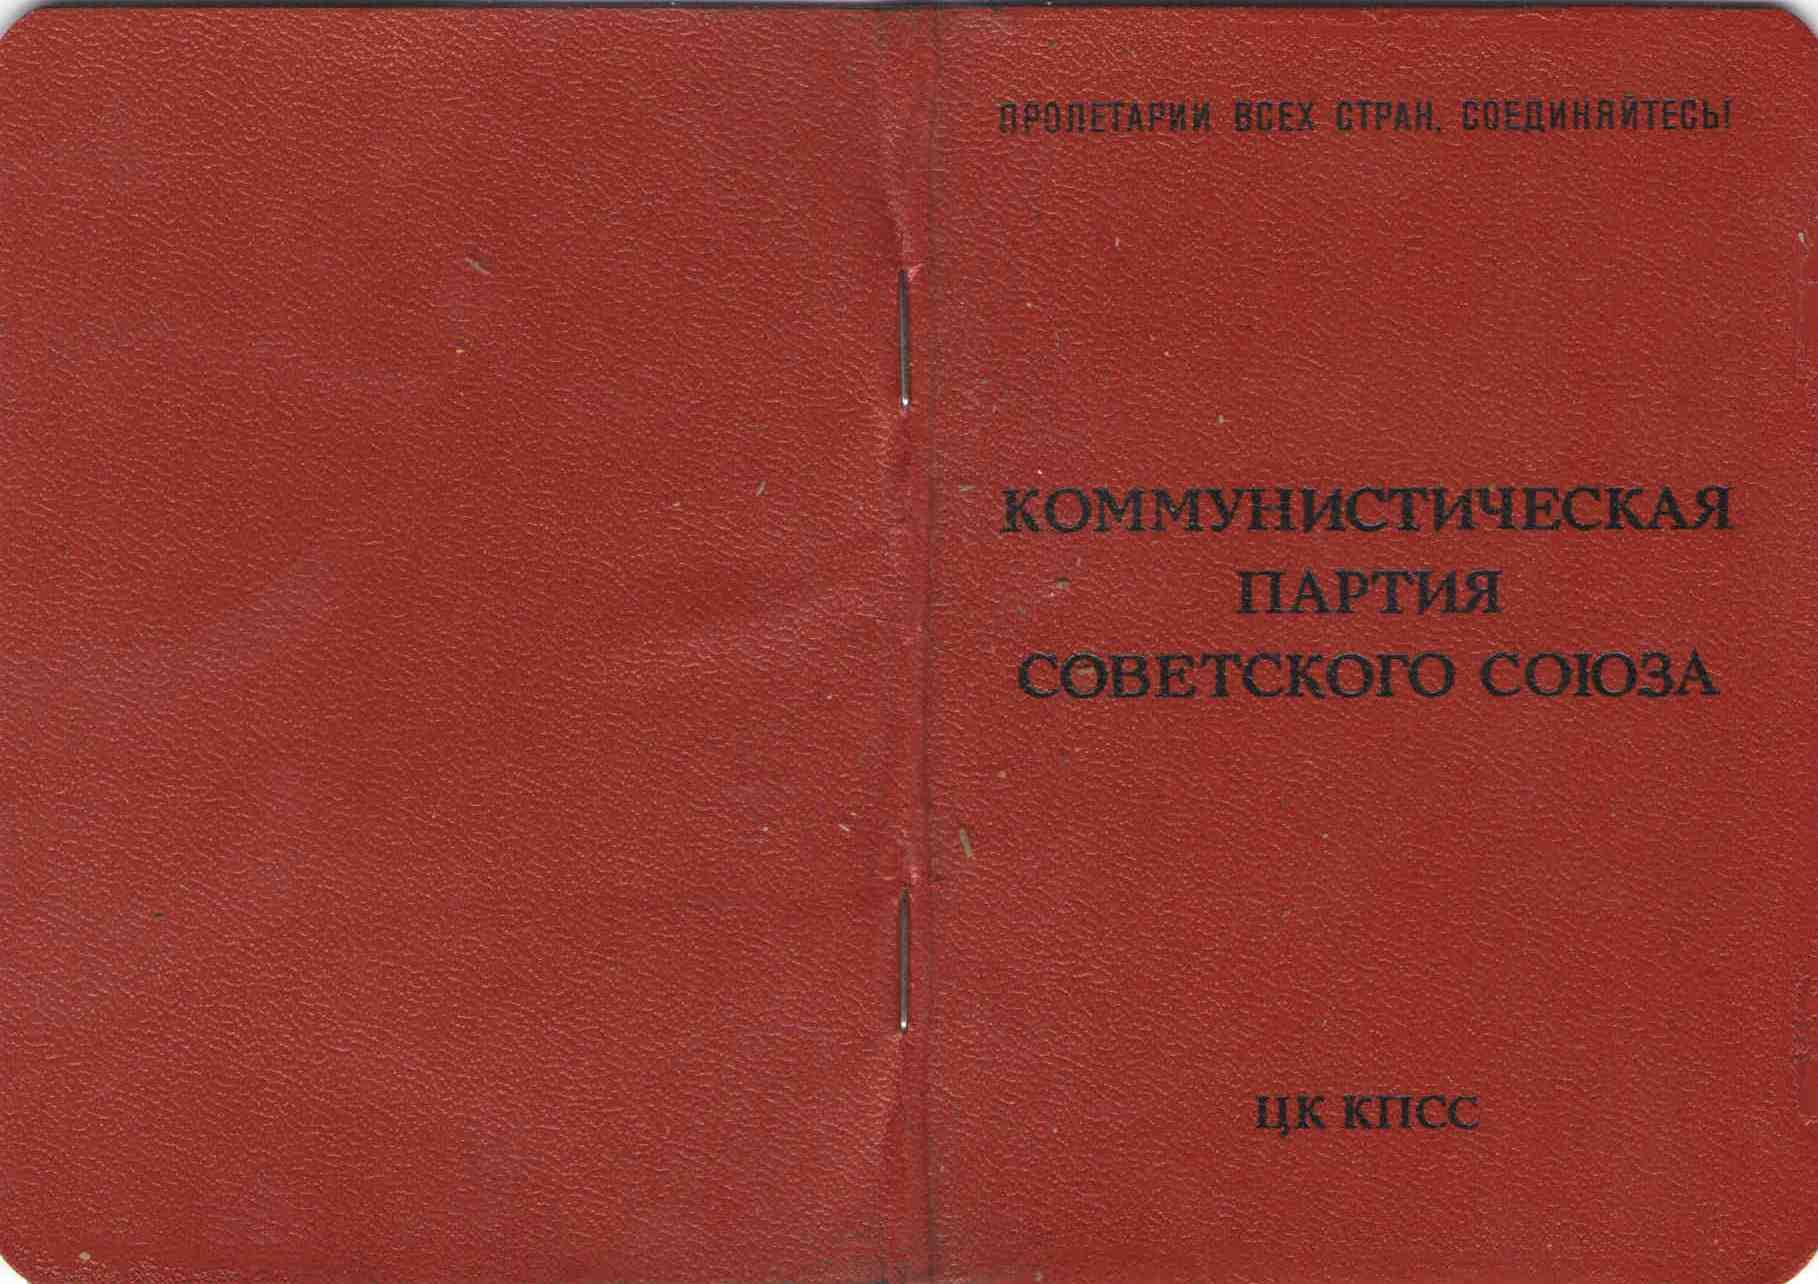 65. Партийный билет Барыкина ПП, 1974.